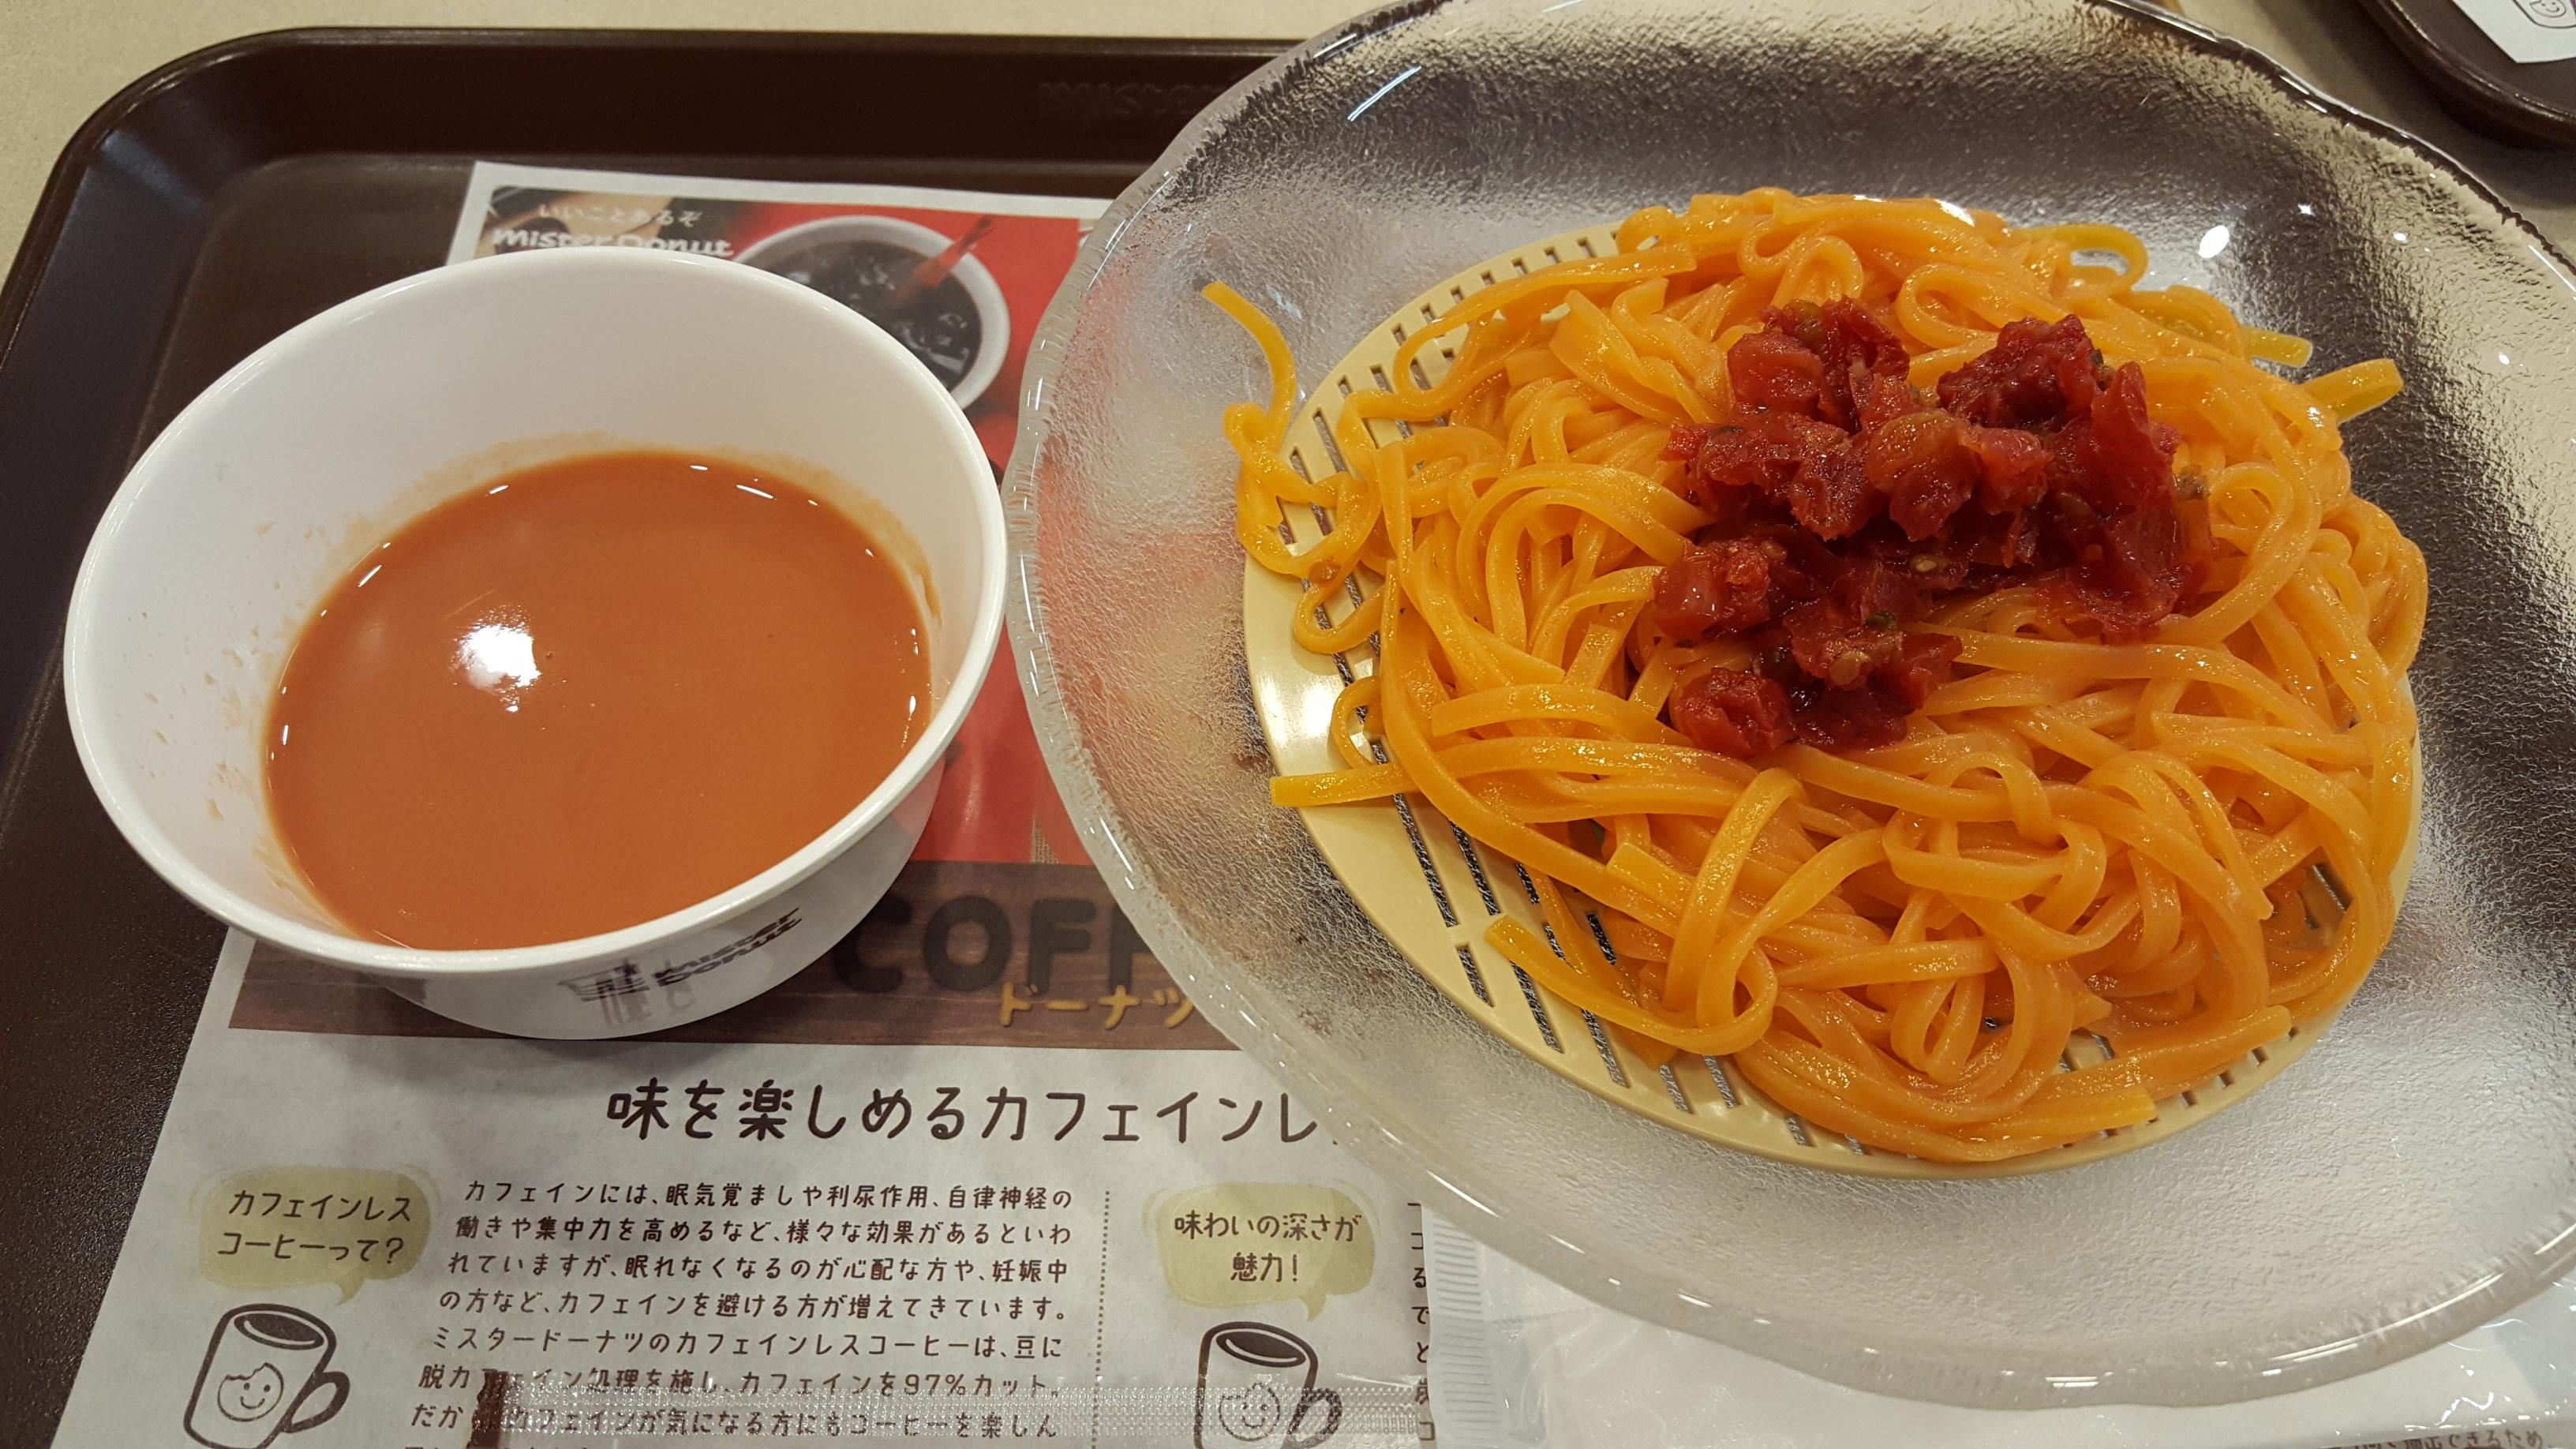 トマト豆乳 ベジ涼風麺